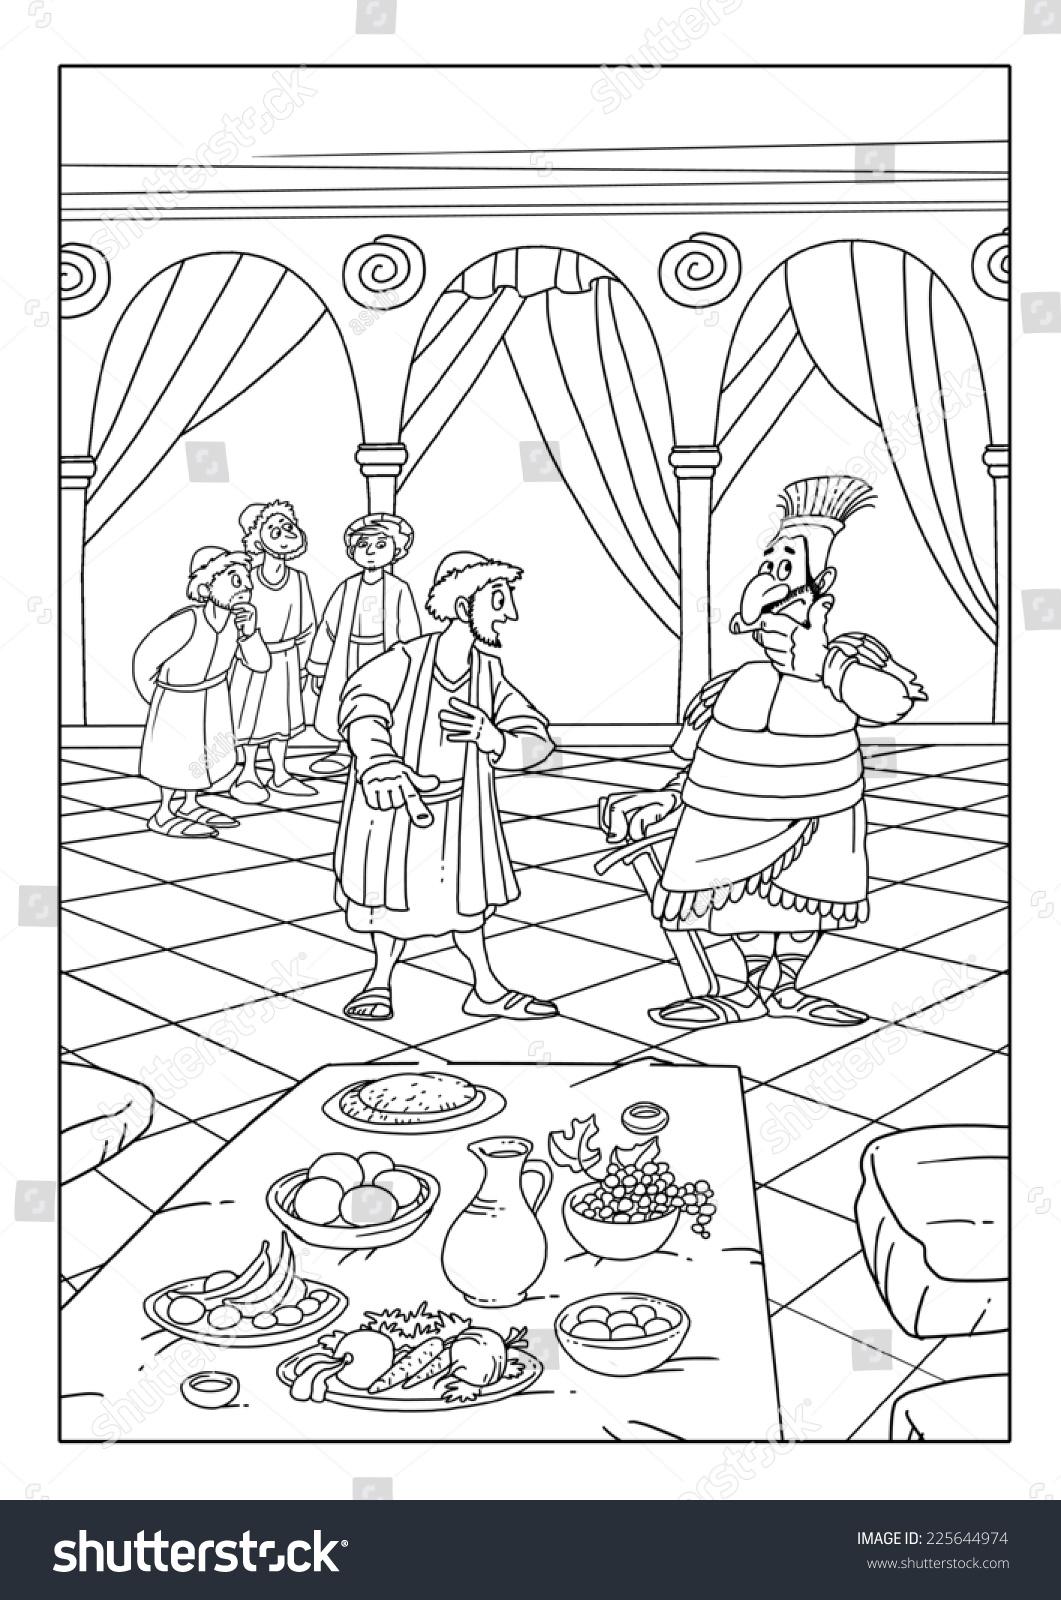 Prophet Daniel His Four Friends Showing Stock Illustration